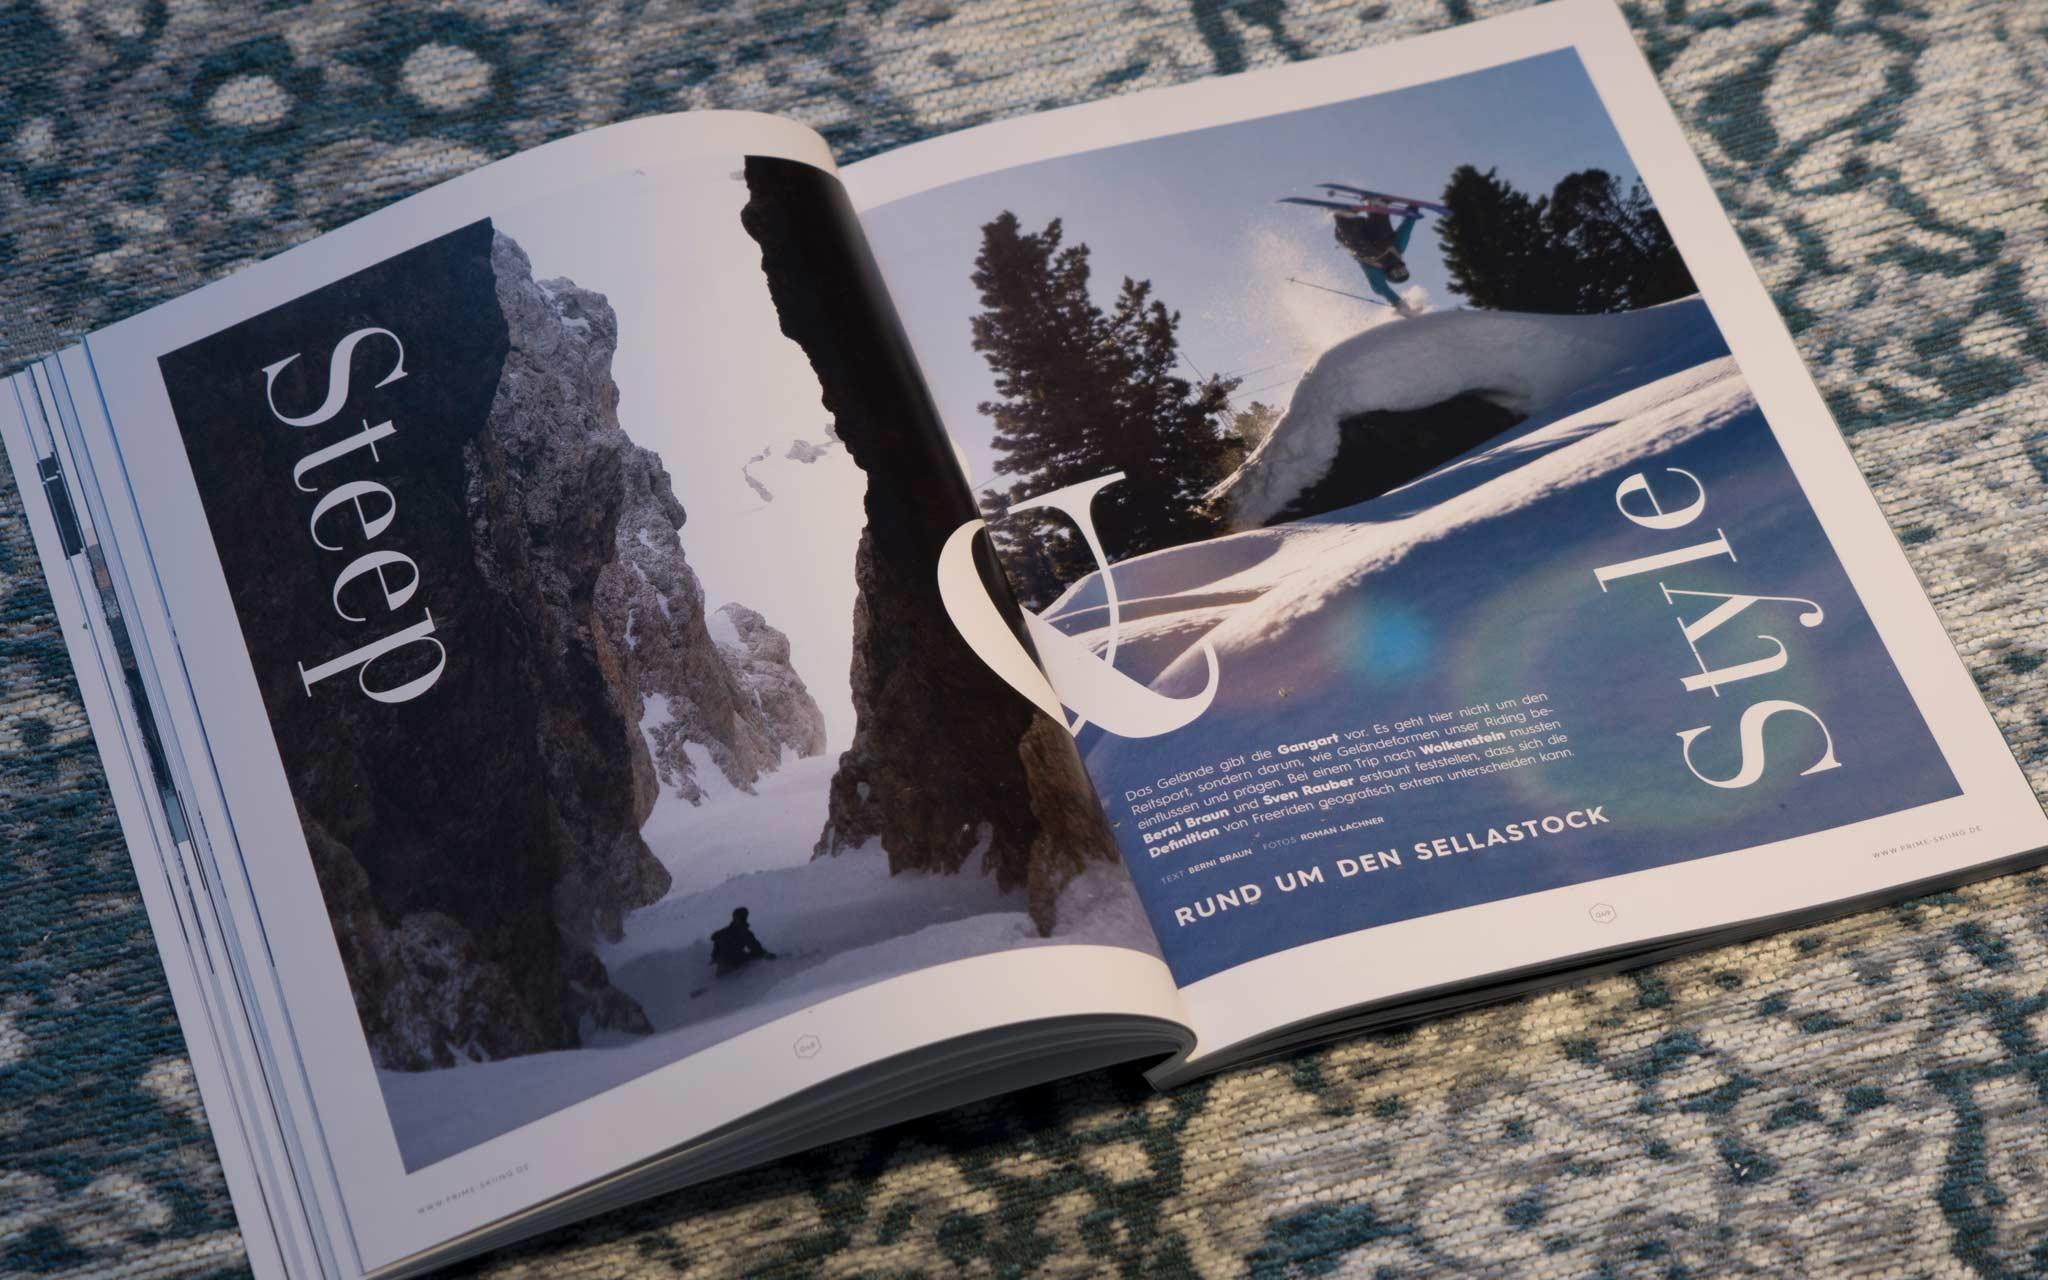 Steep & Style - Rund um den Sellastock - Text: Berni Braun - Fotos: Roman Lachner